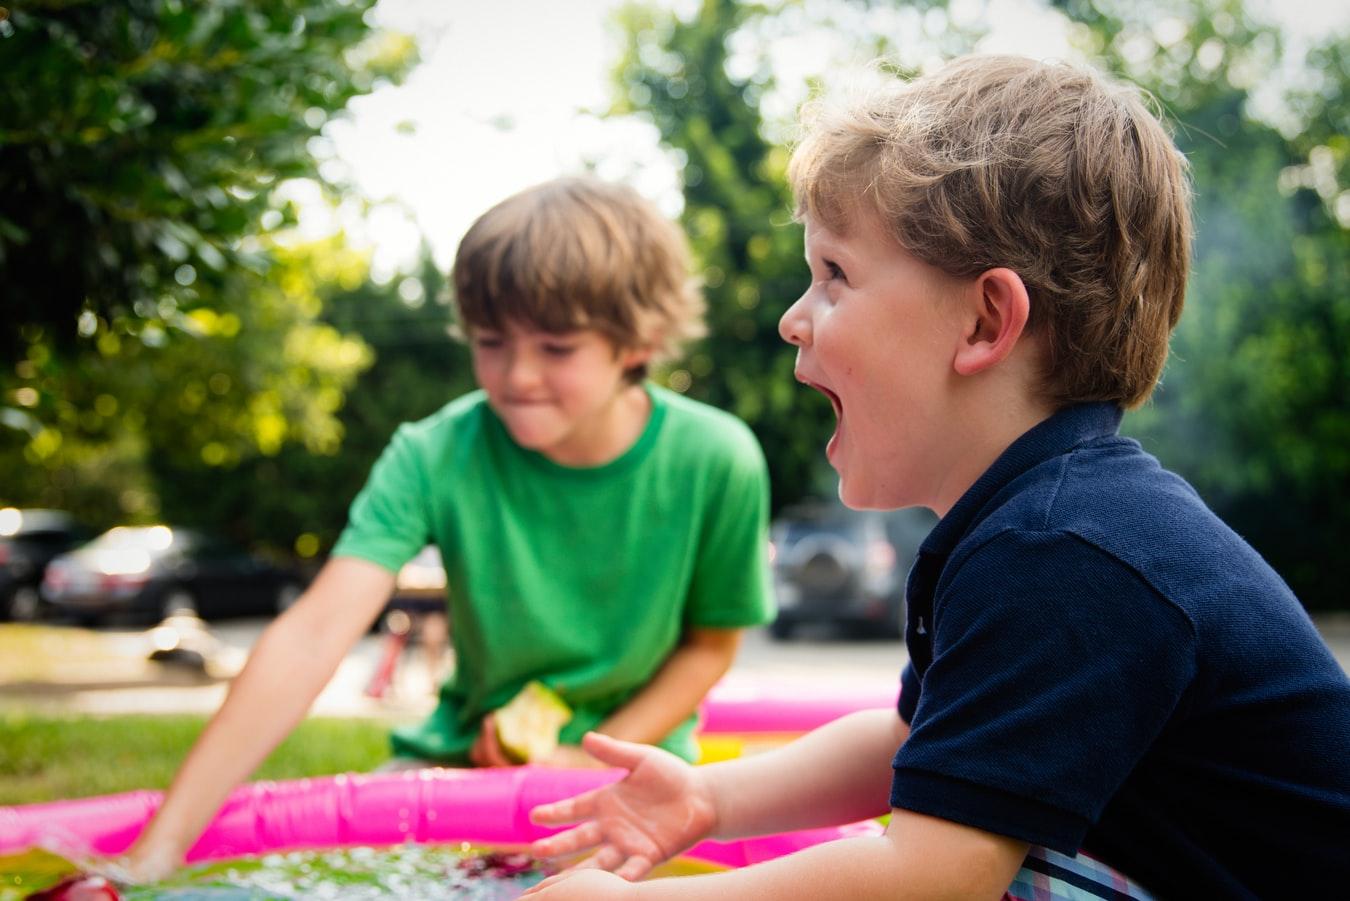 Πώς να αναθρέψετε ευτυχισμένα και πετυχημένα παιδιά